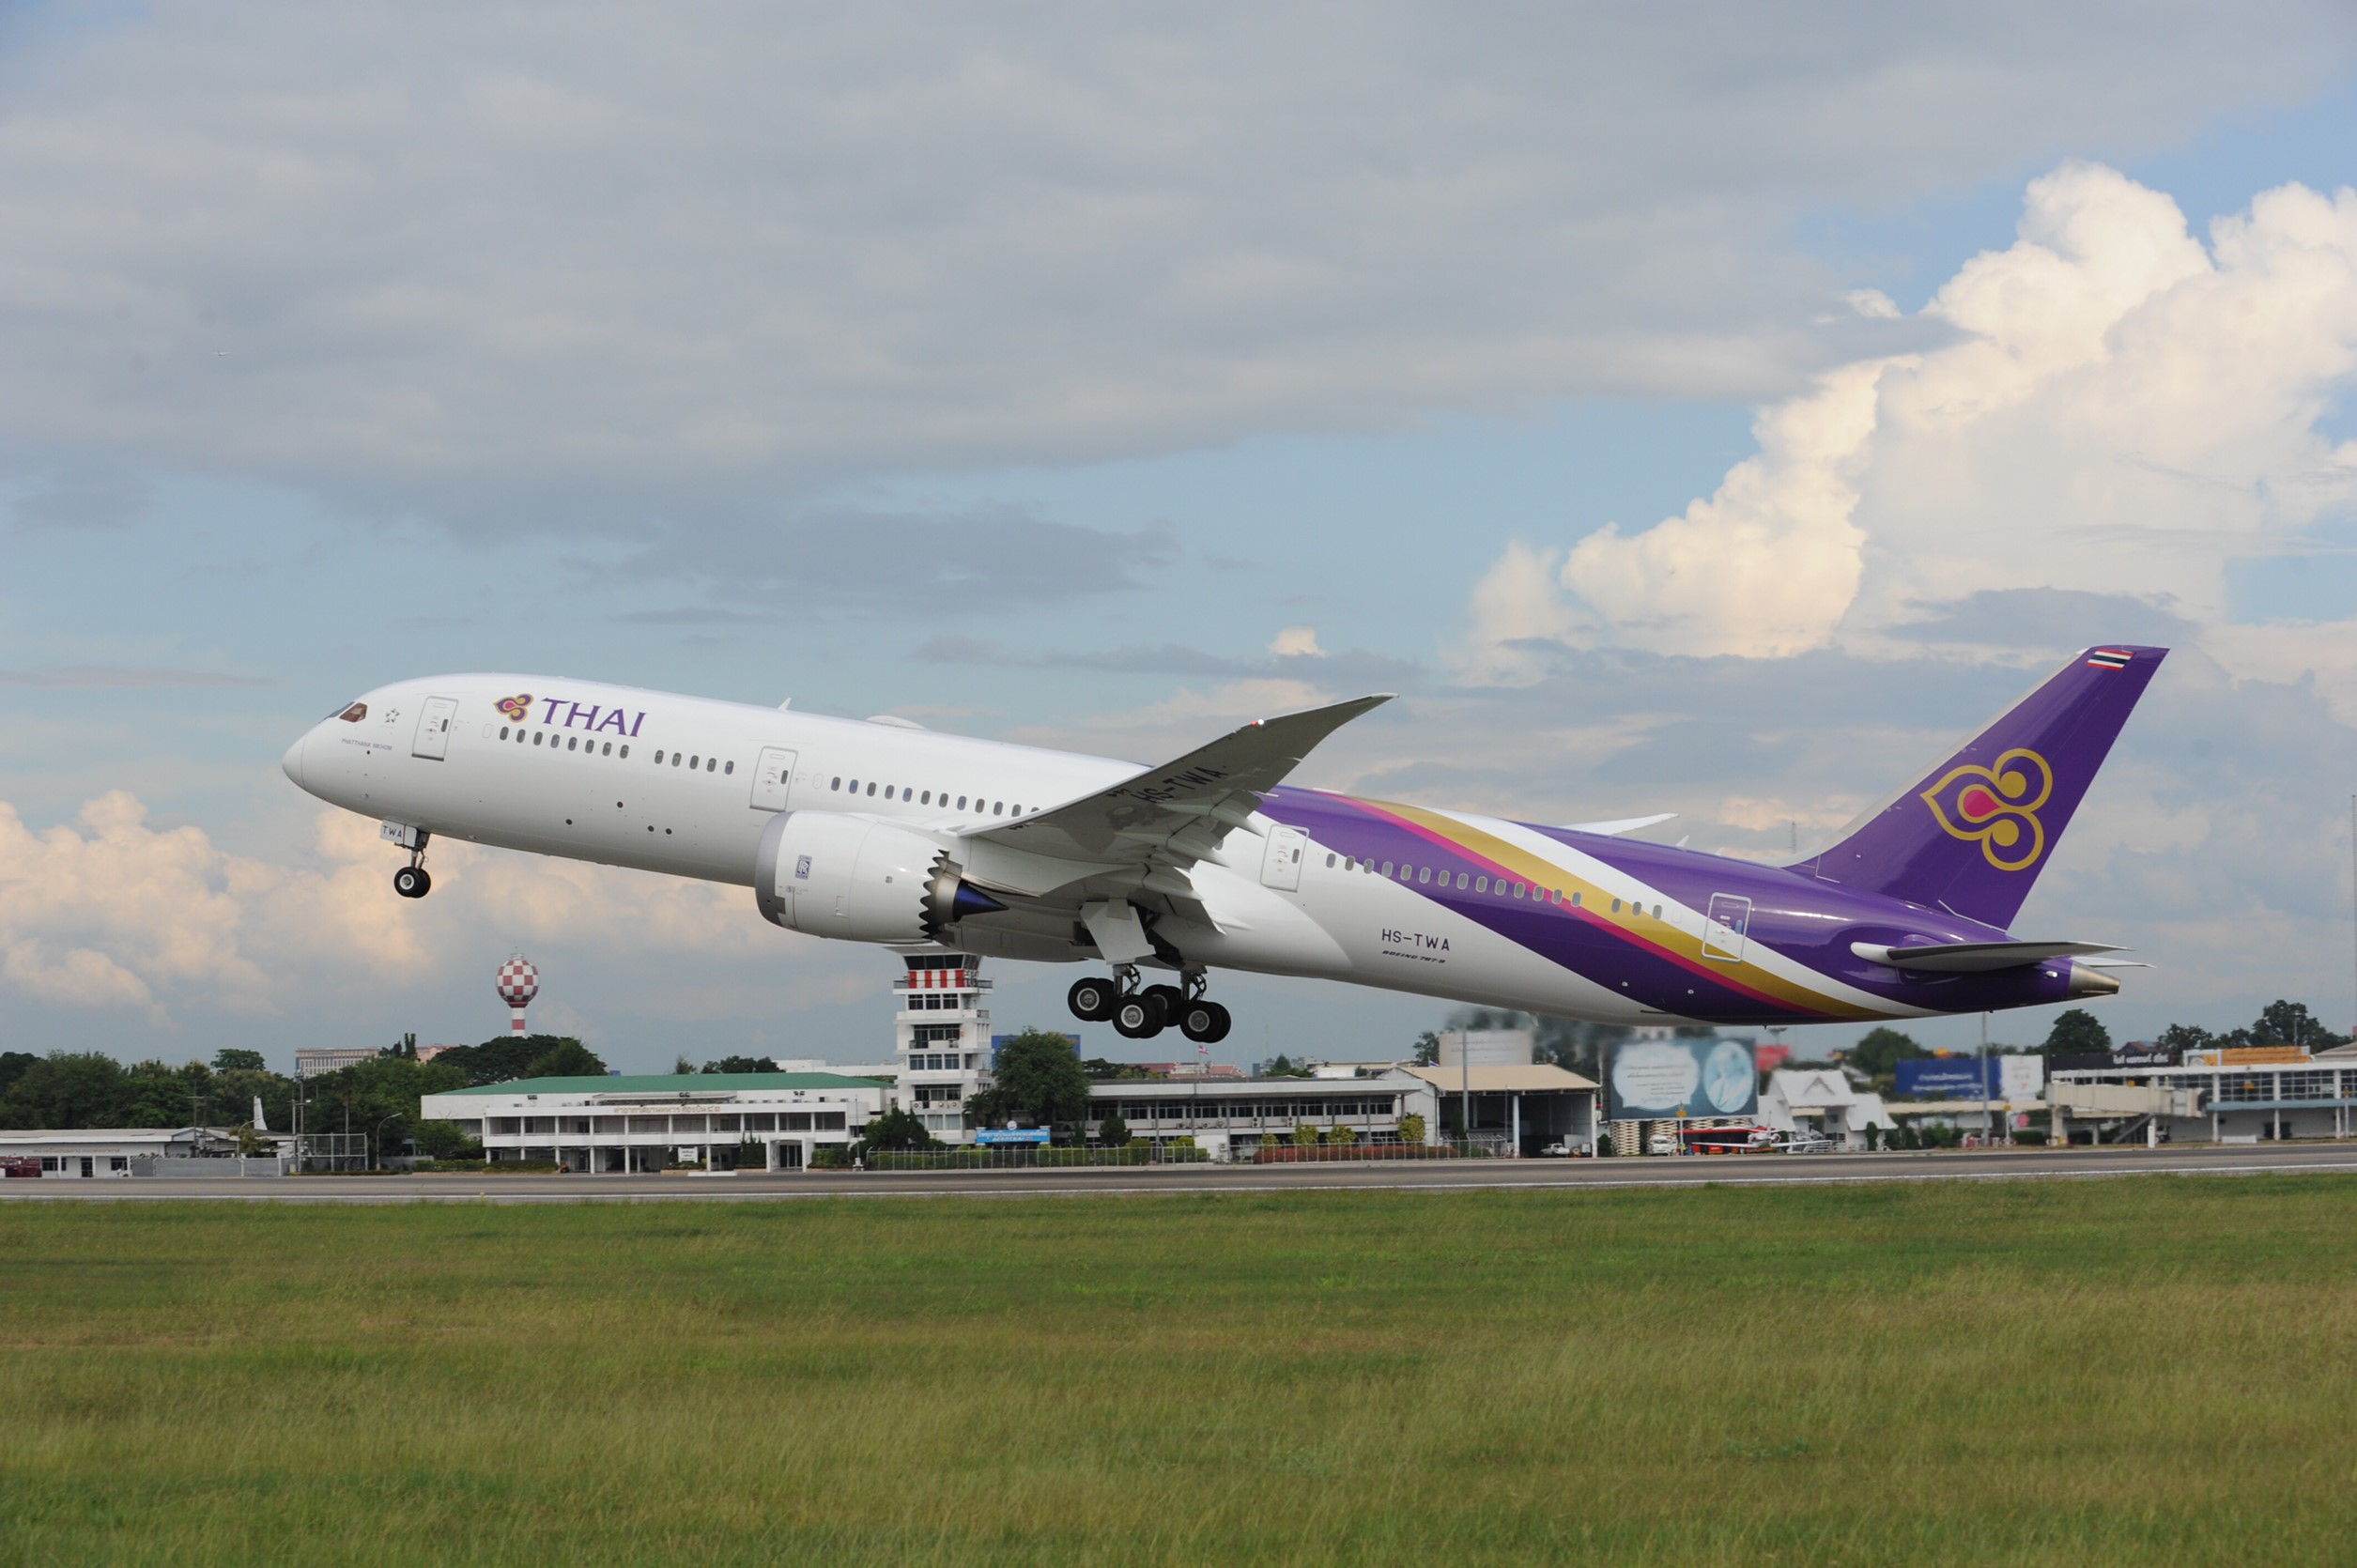 2019泰國旅遊-Thai Airways 泰國航空-夢幻波音787,搭經濟艙也很舒服,還有獲獎飛機餐 @民宿女王芽月-美食.旅遊.全台趴趴走